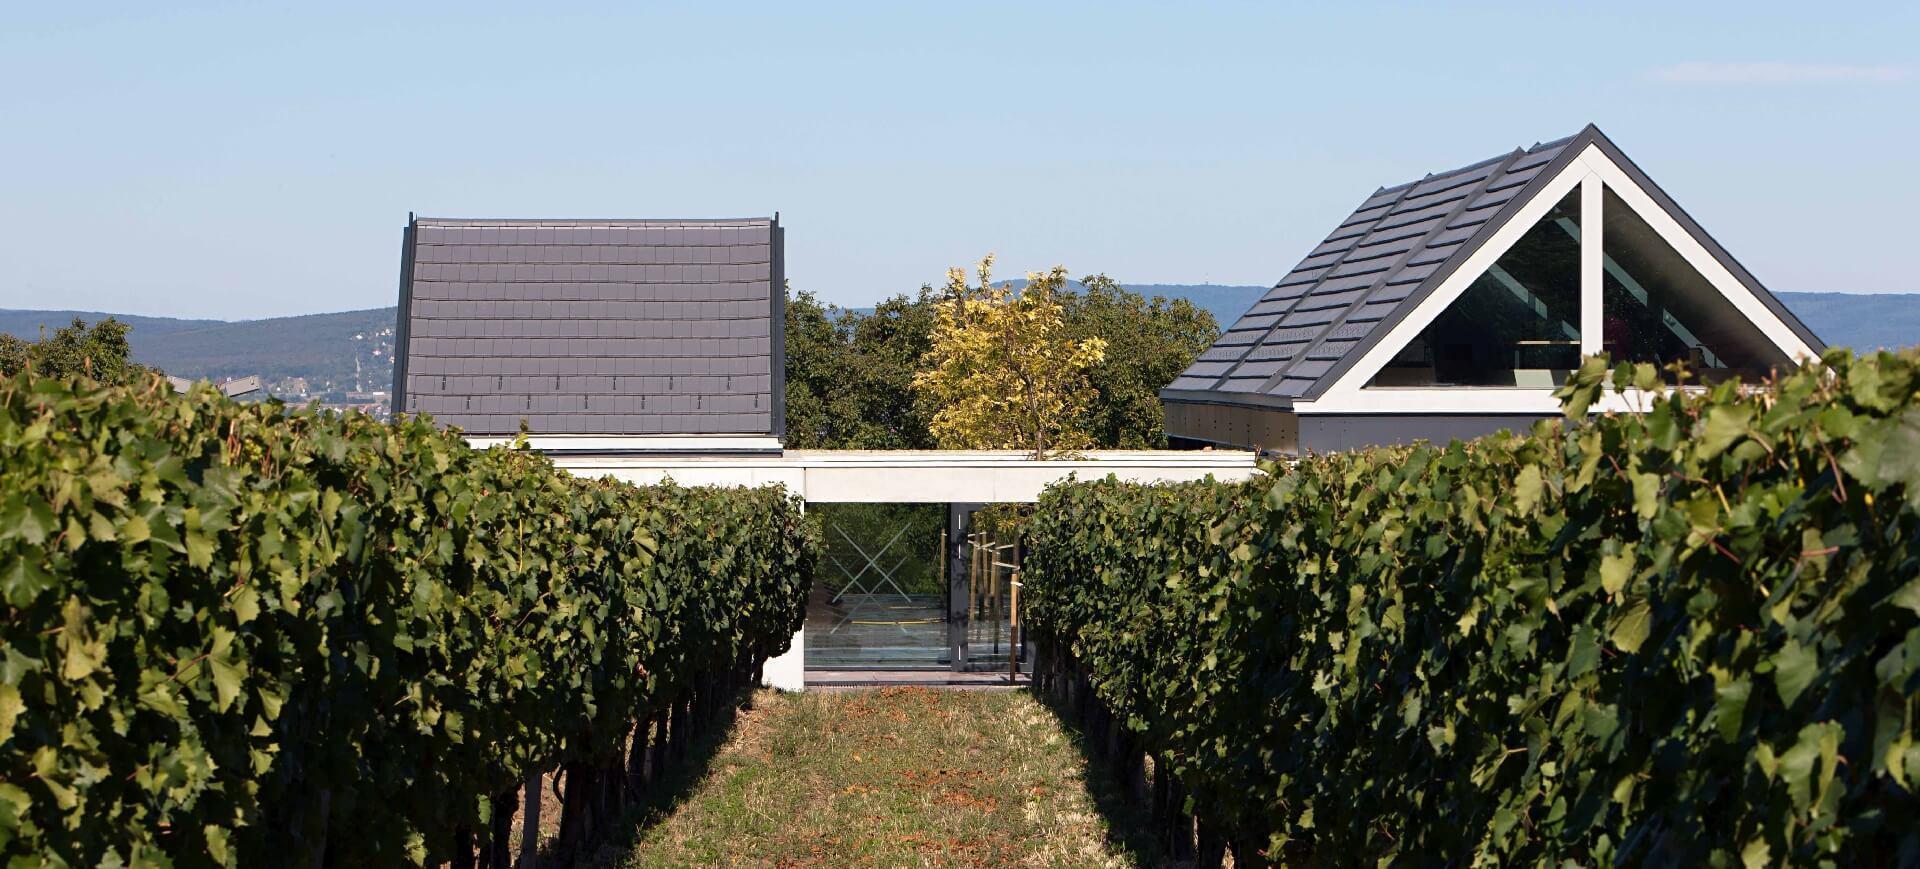 Etyeki Kúria tetői a szőlő felett